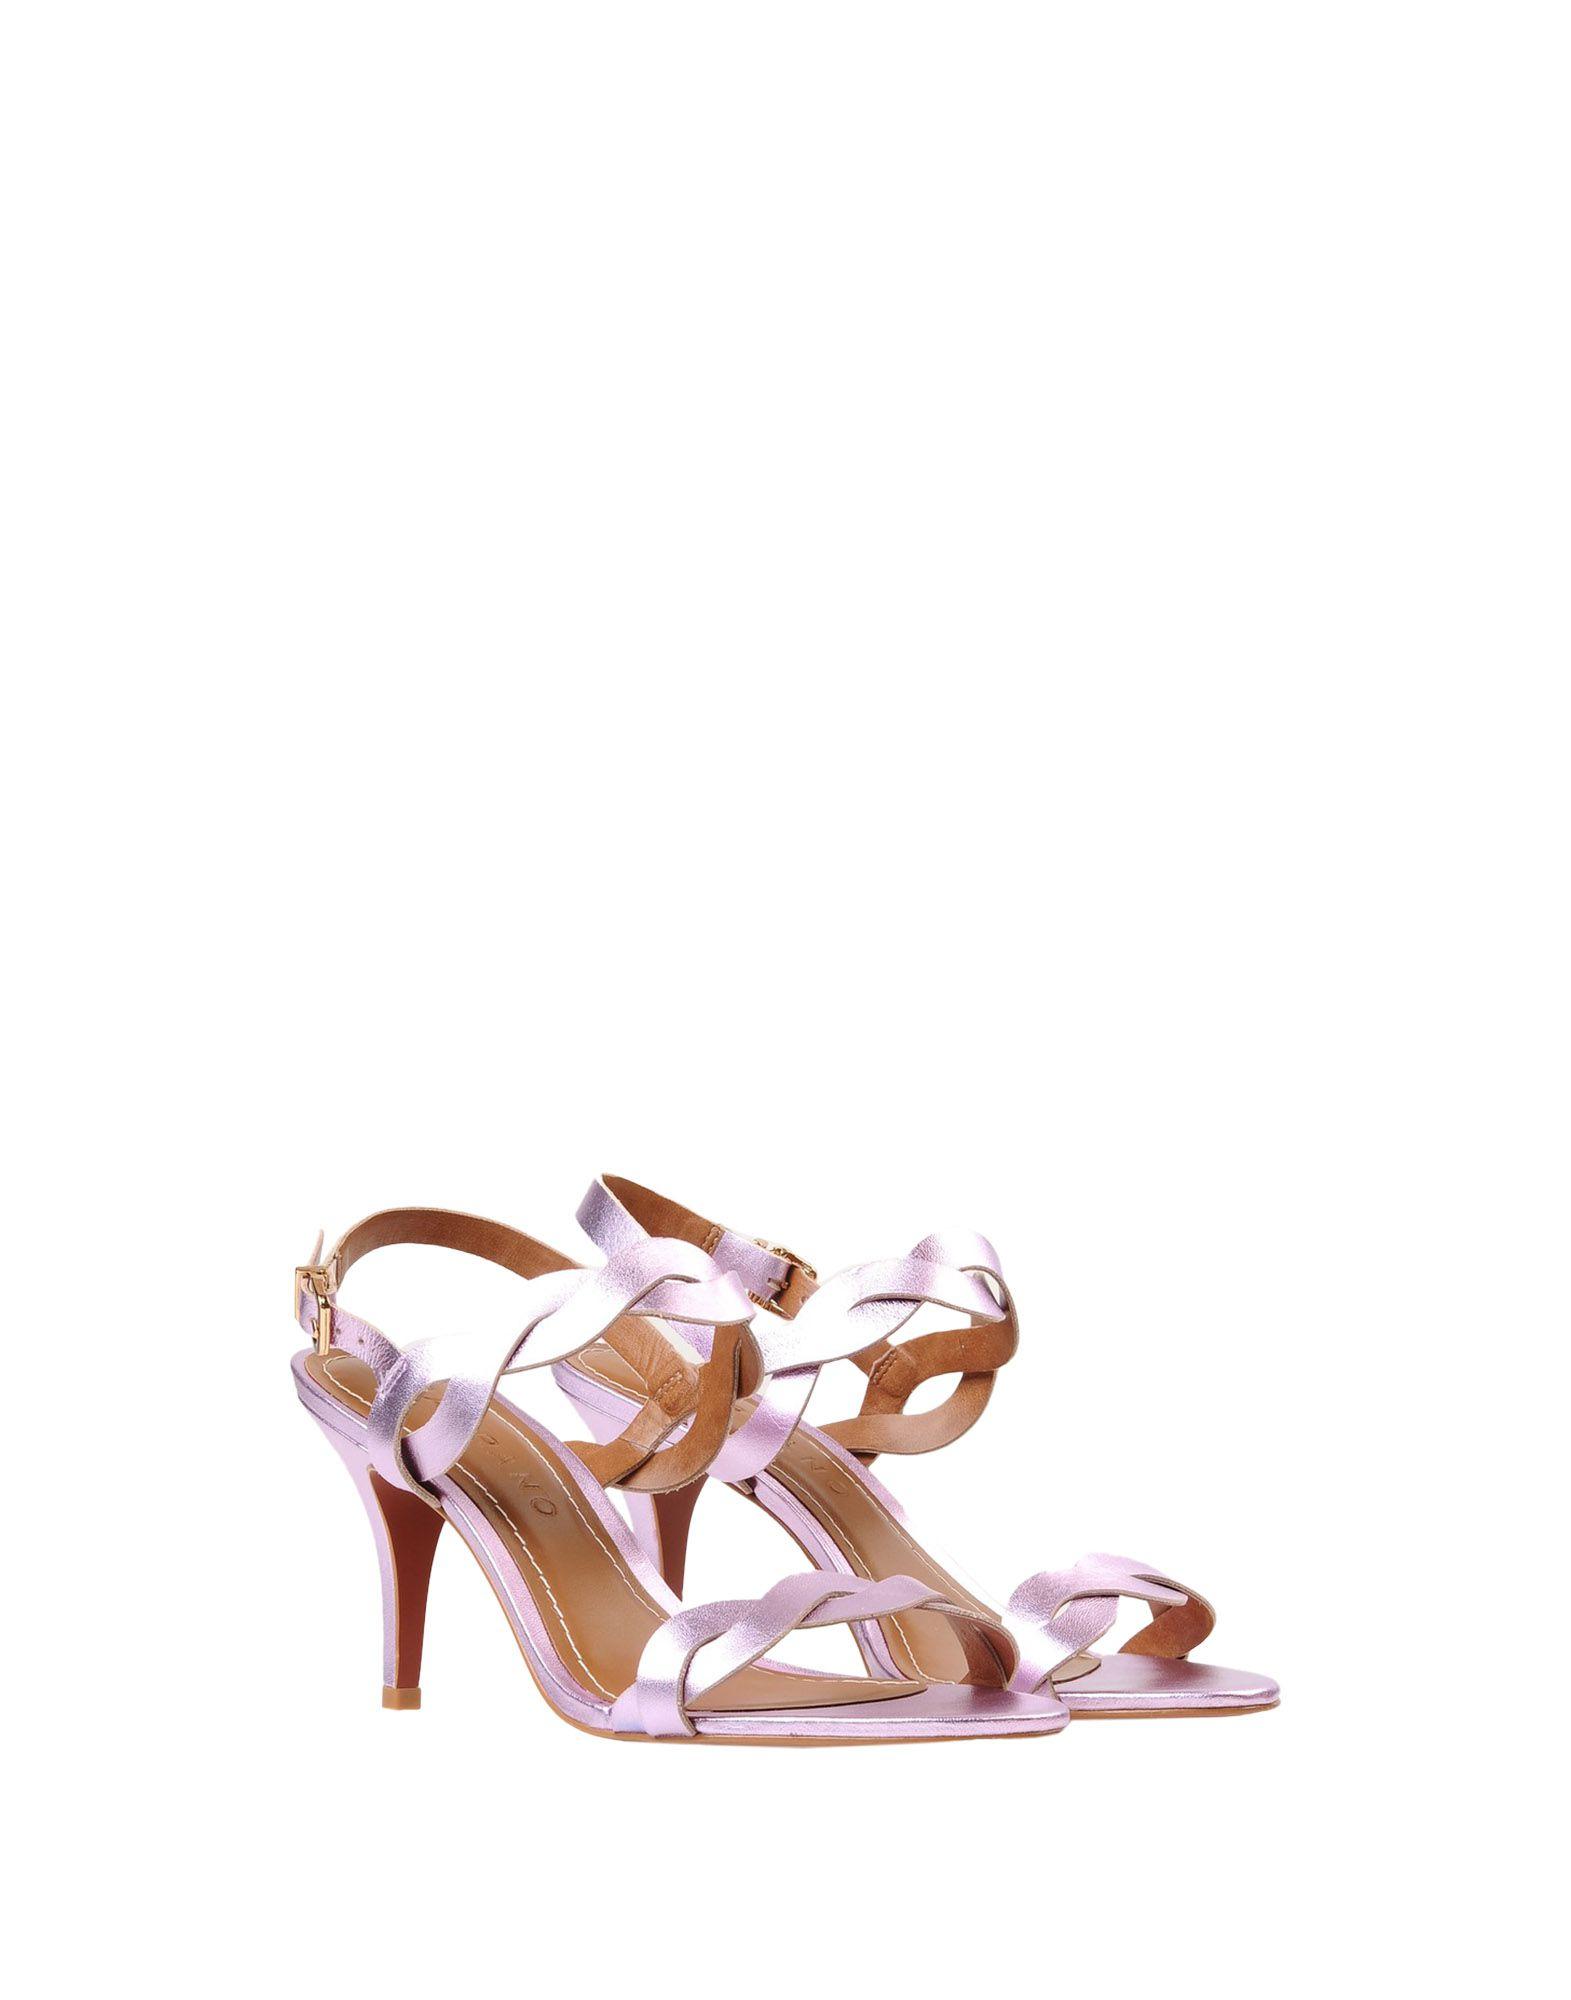 Sandales Carrano Sandals - Femme - Sandales Carrano sur